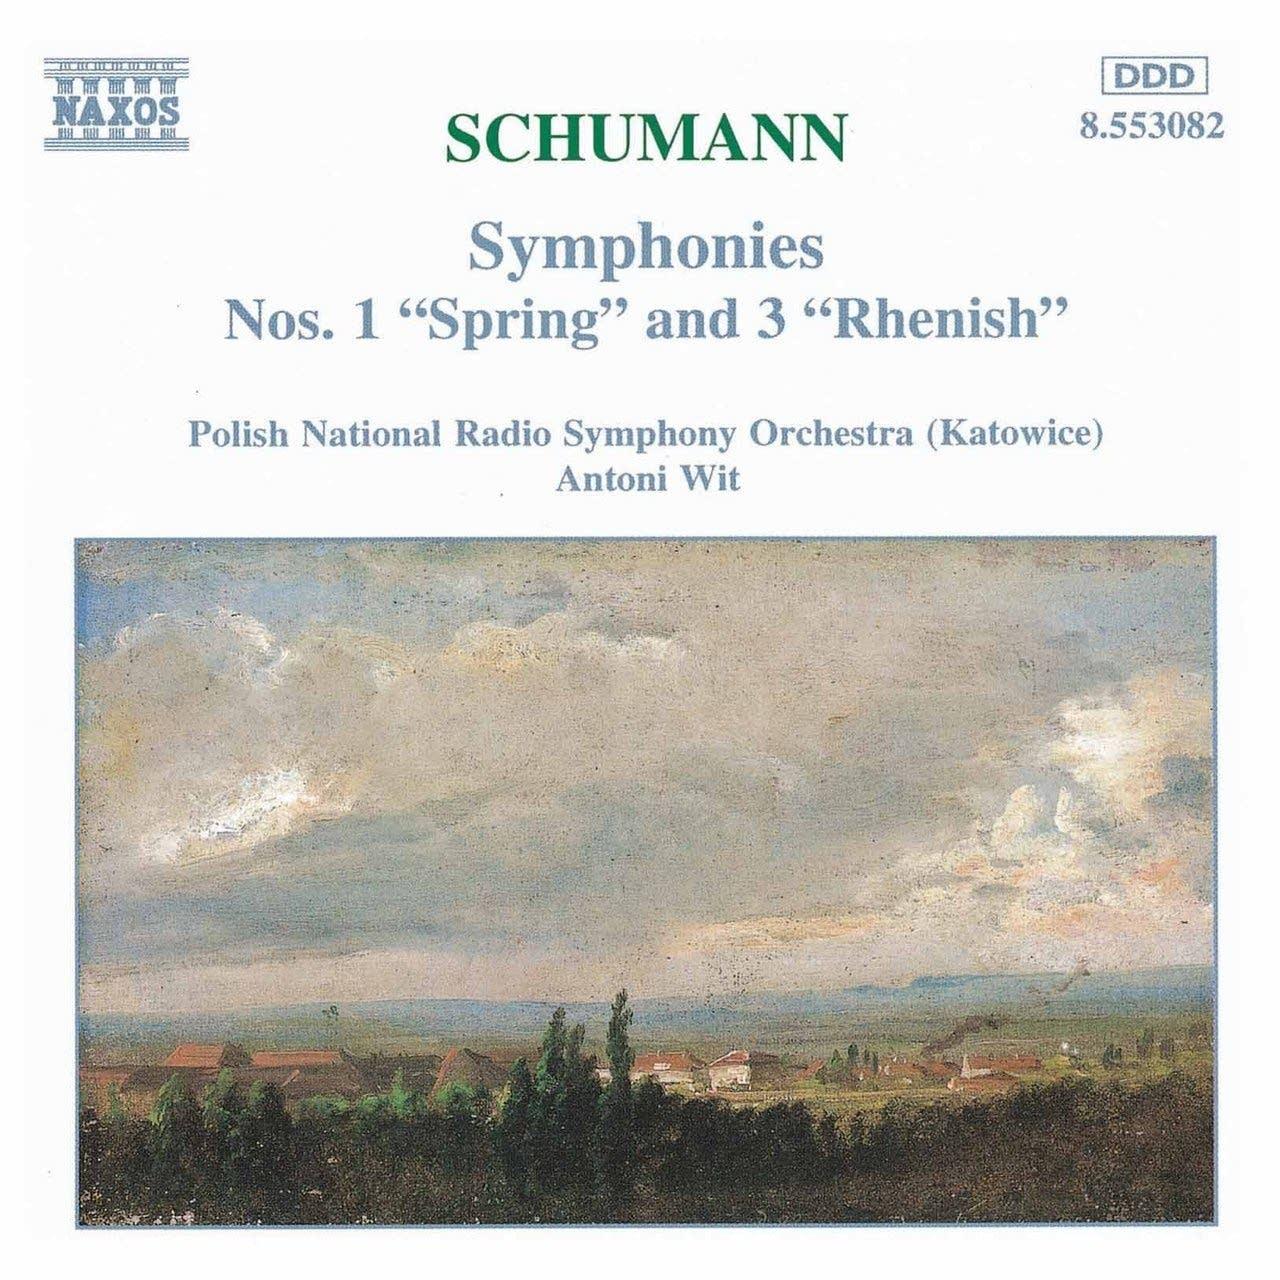 Robert Schumann - Symphony No. 3